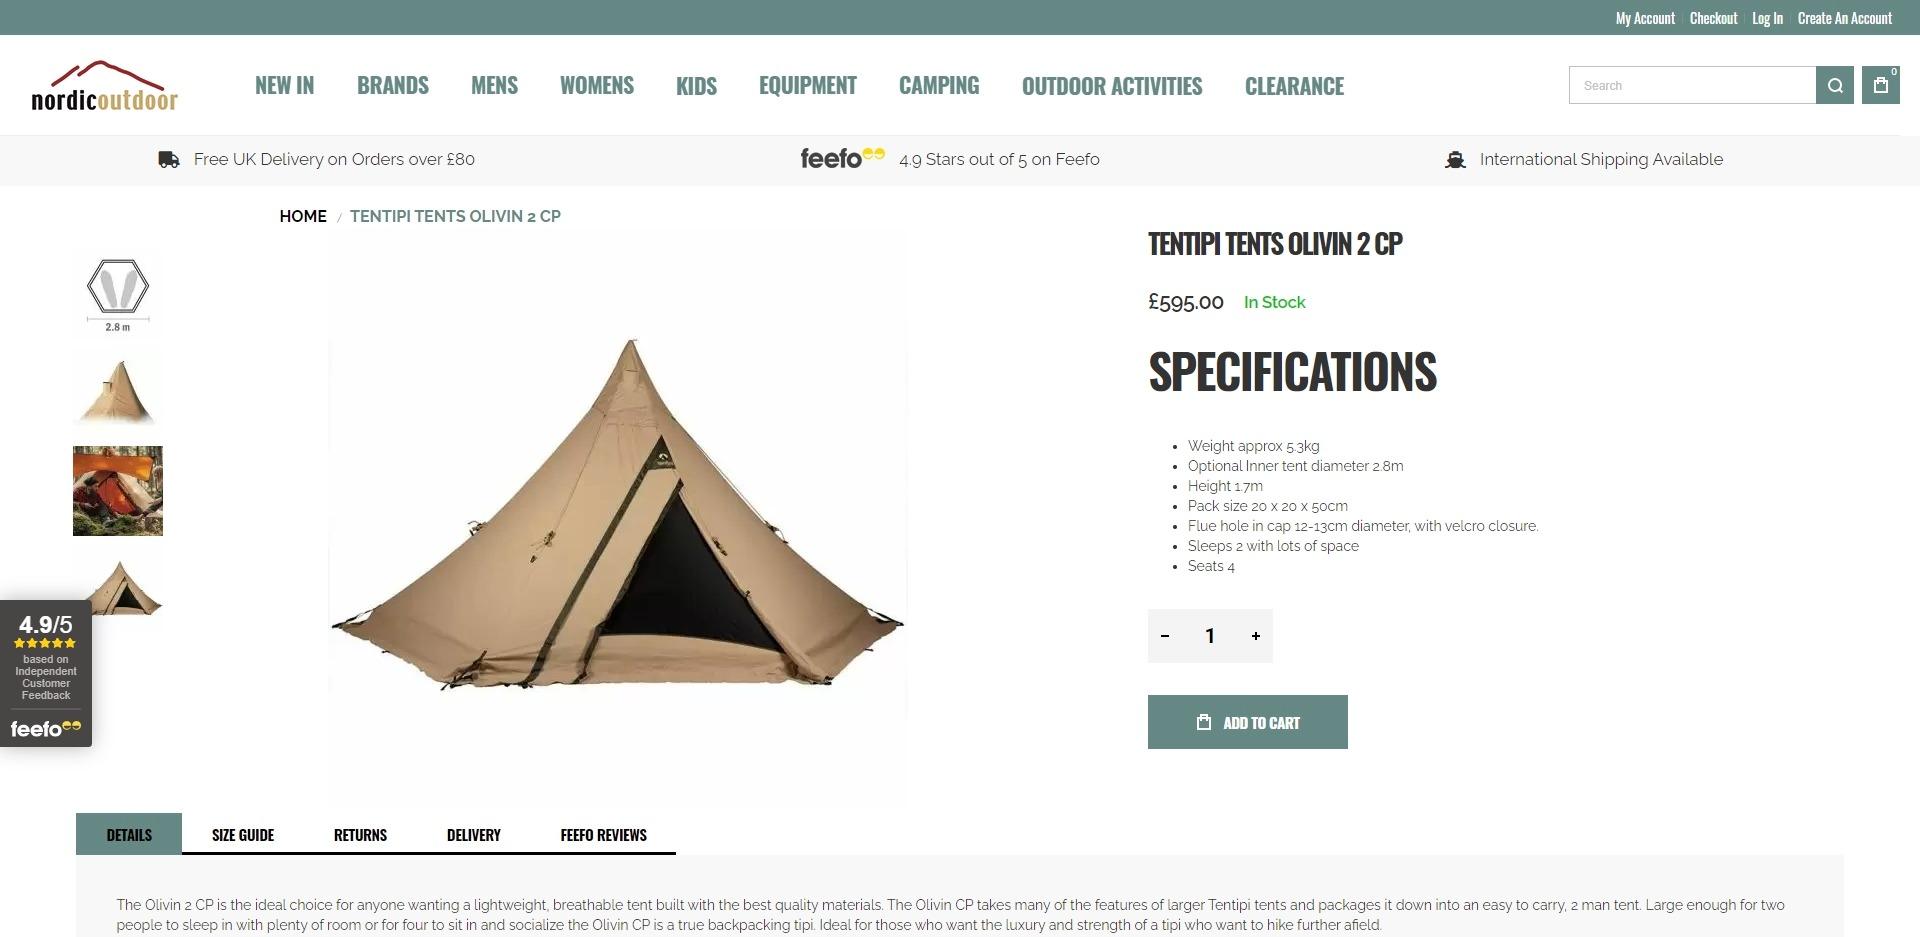 Nordic Outdoor Website Development Products